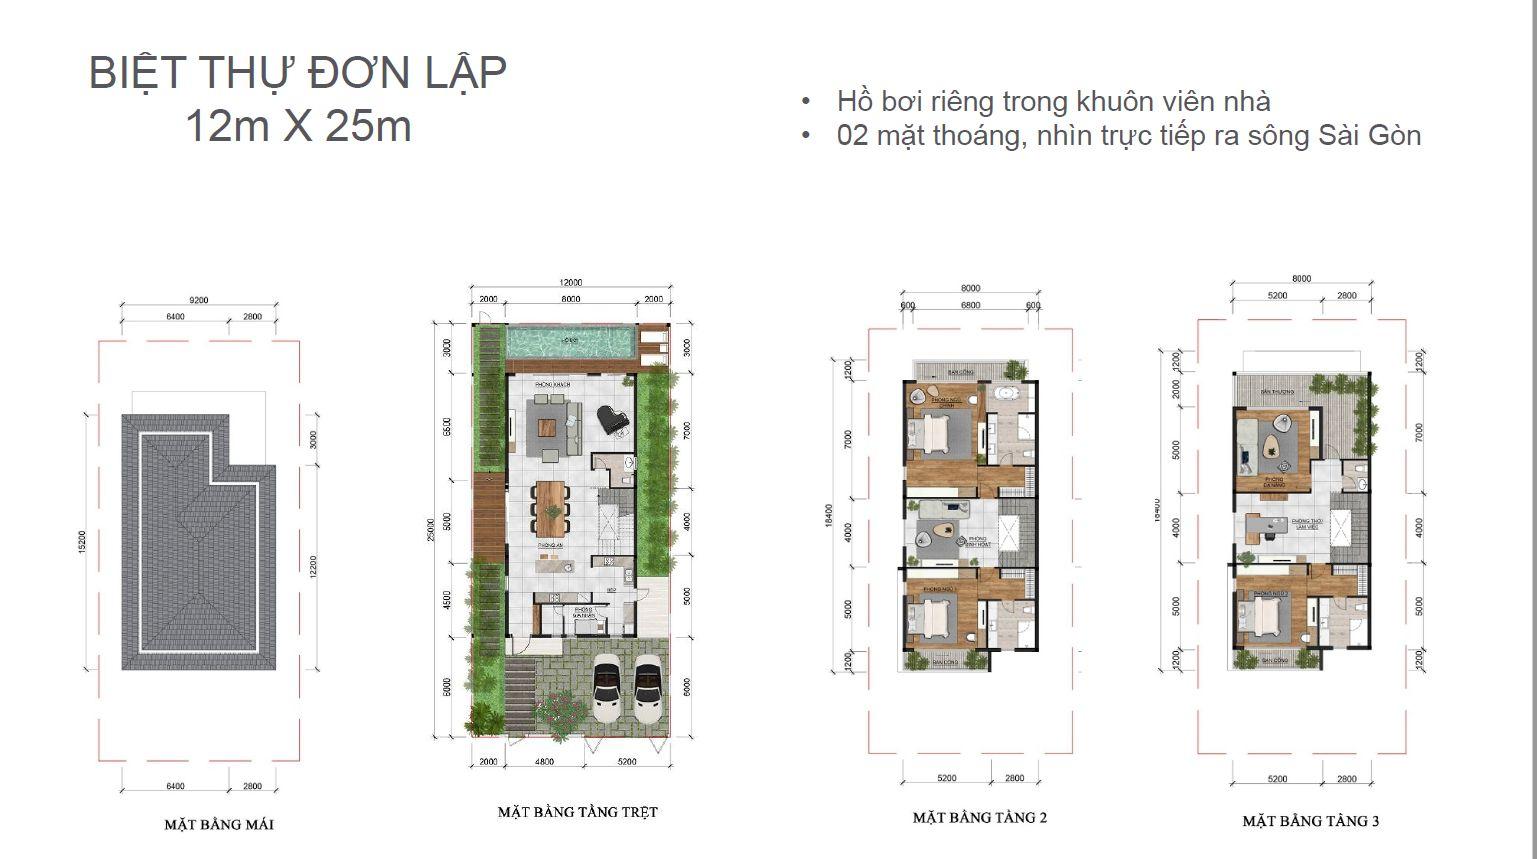 Thiết kế 2D biệt thự đơn lập dự án Palm Marina Novaland -Quận 9